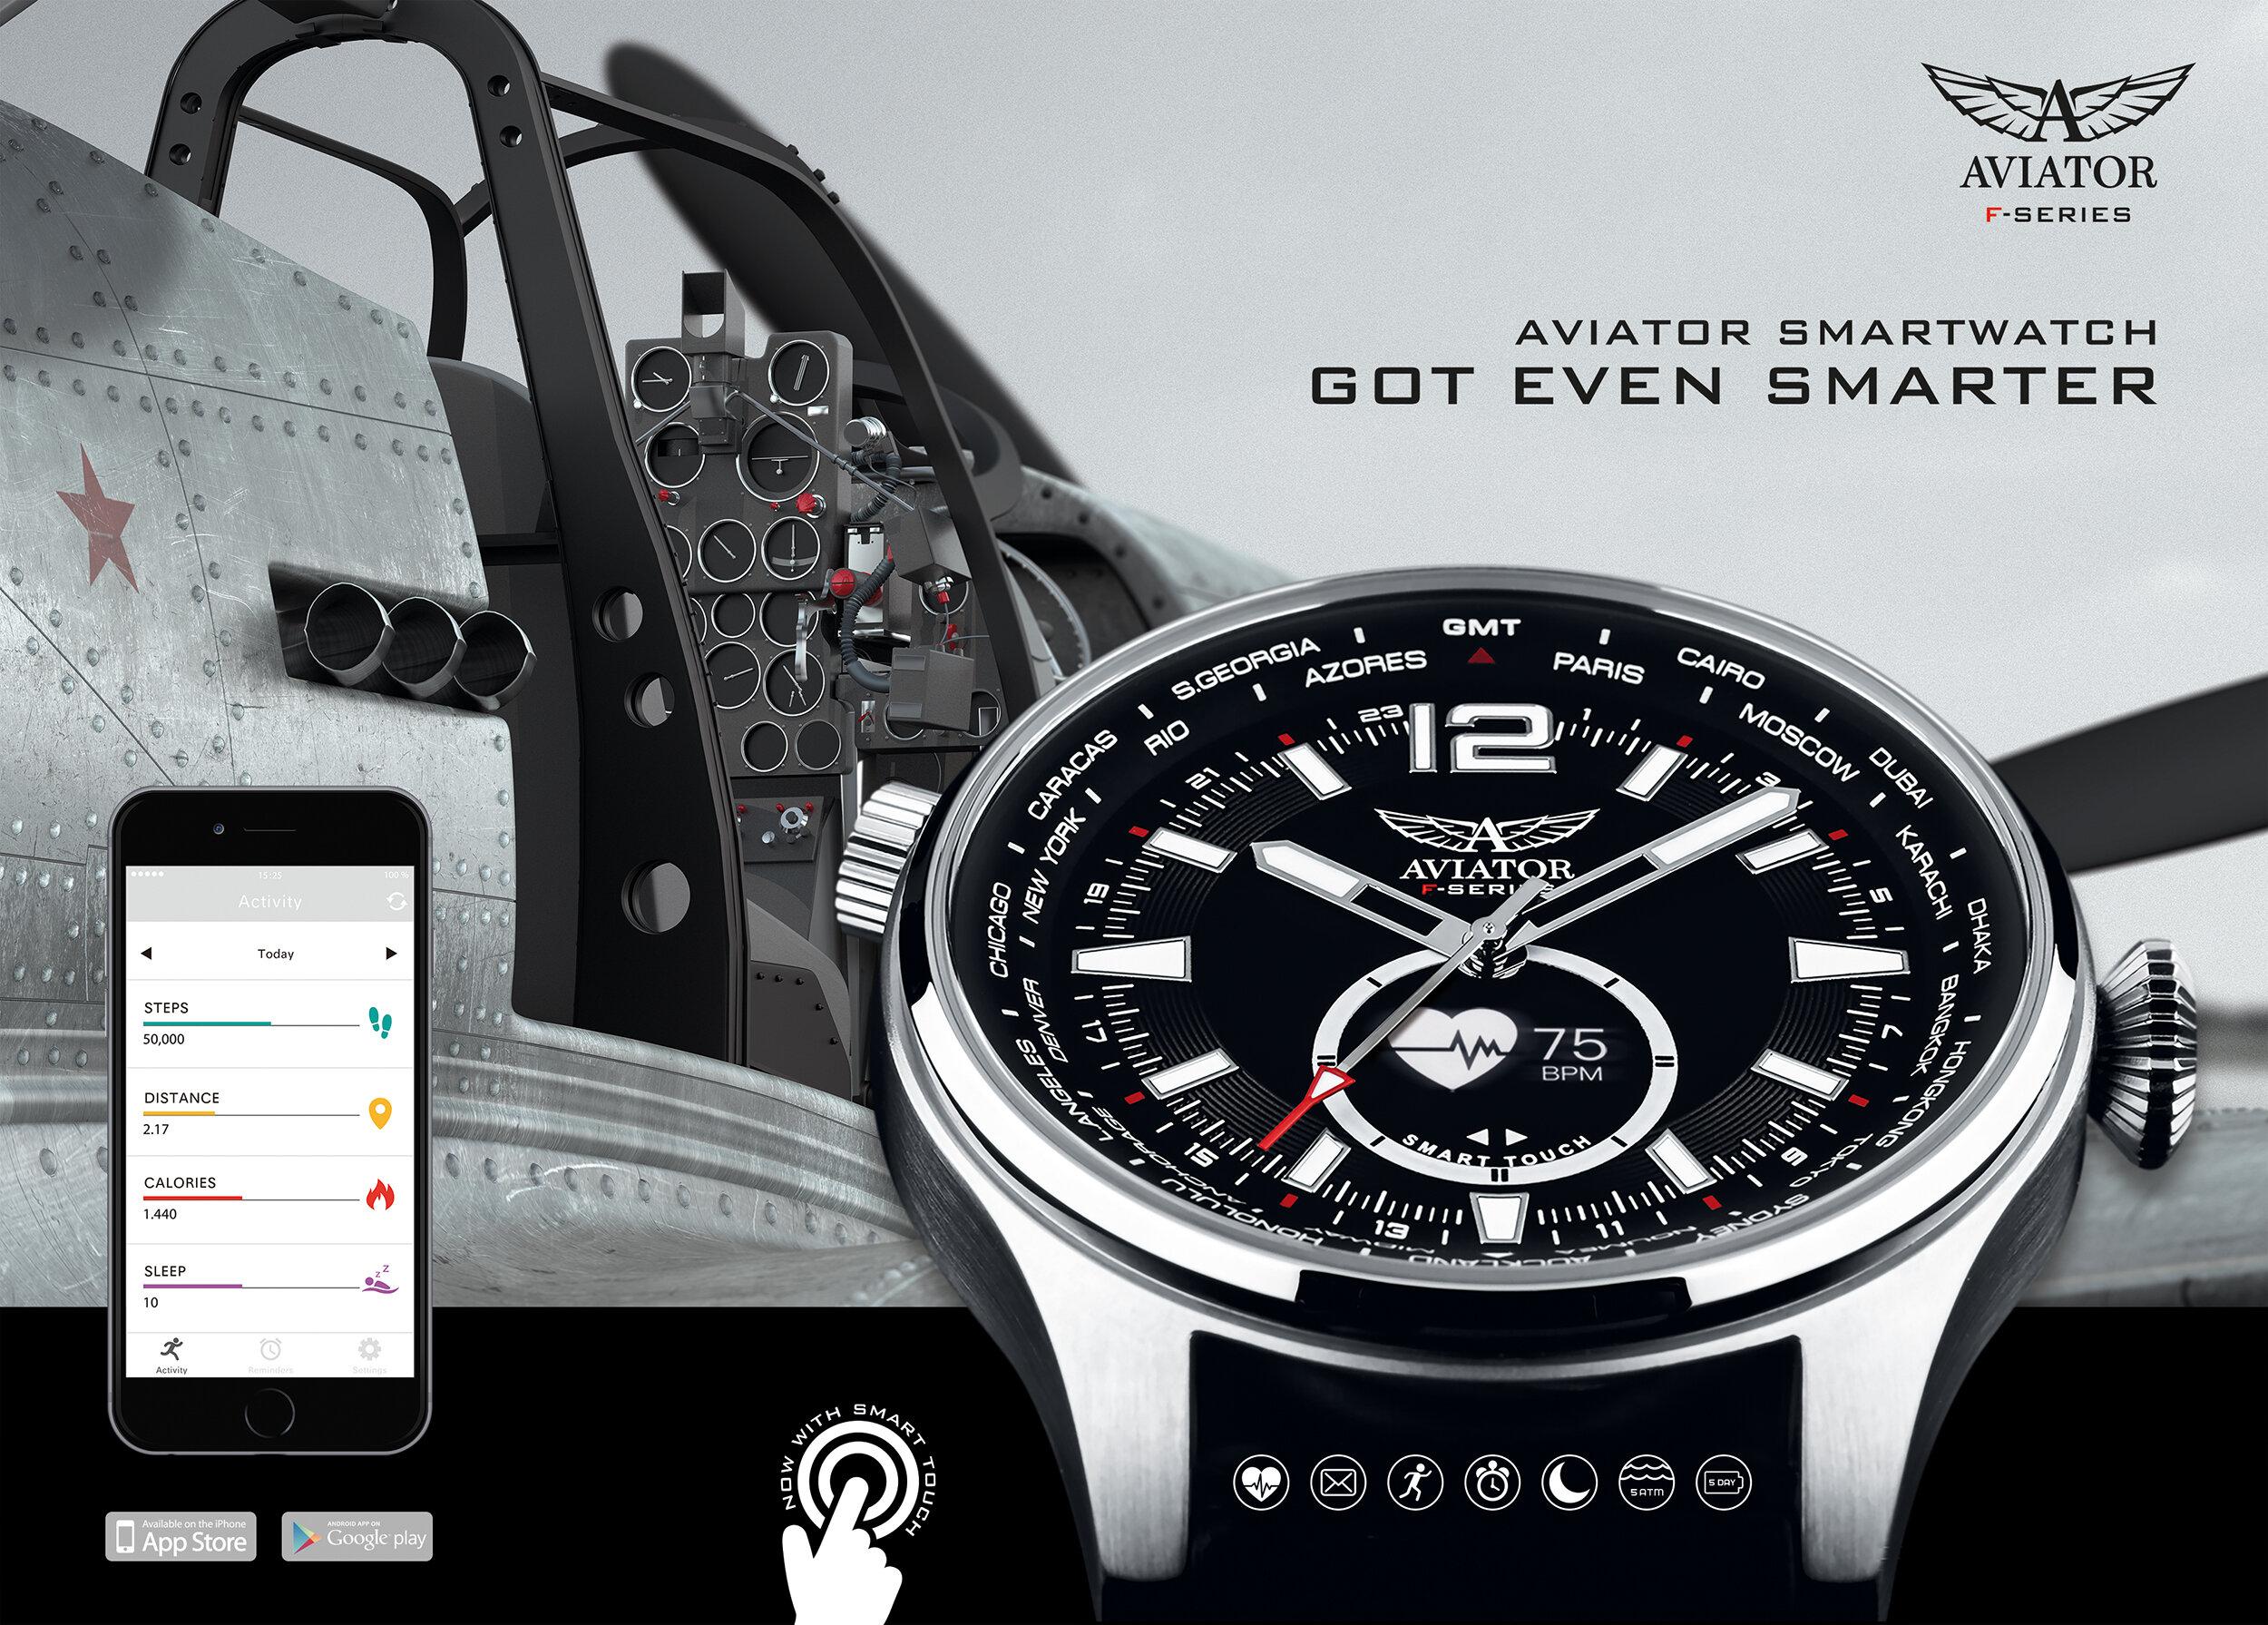 Aviator Smart Watch Advert.jpg